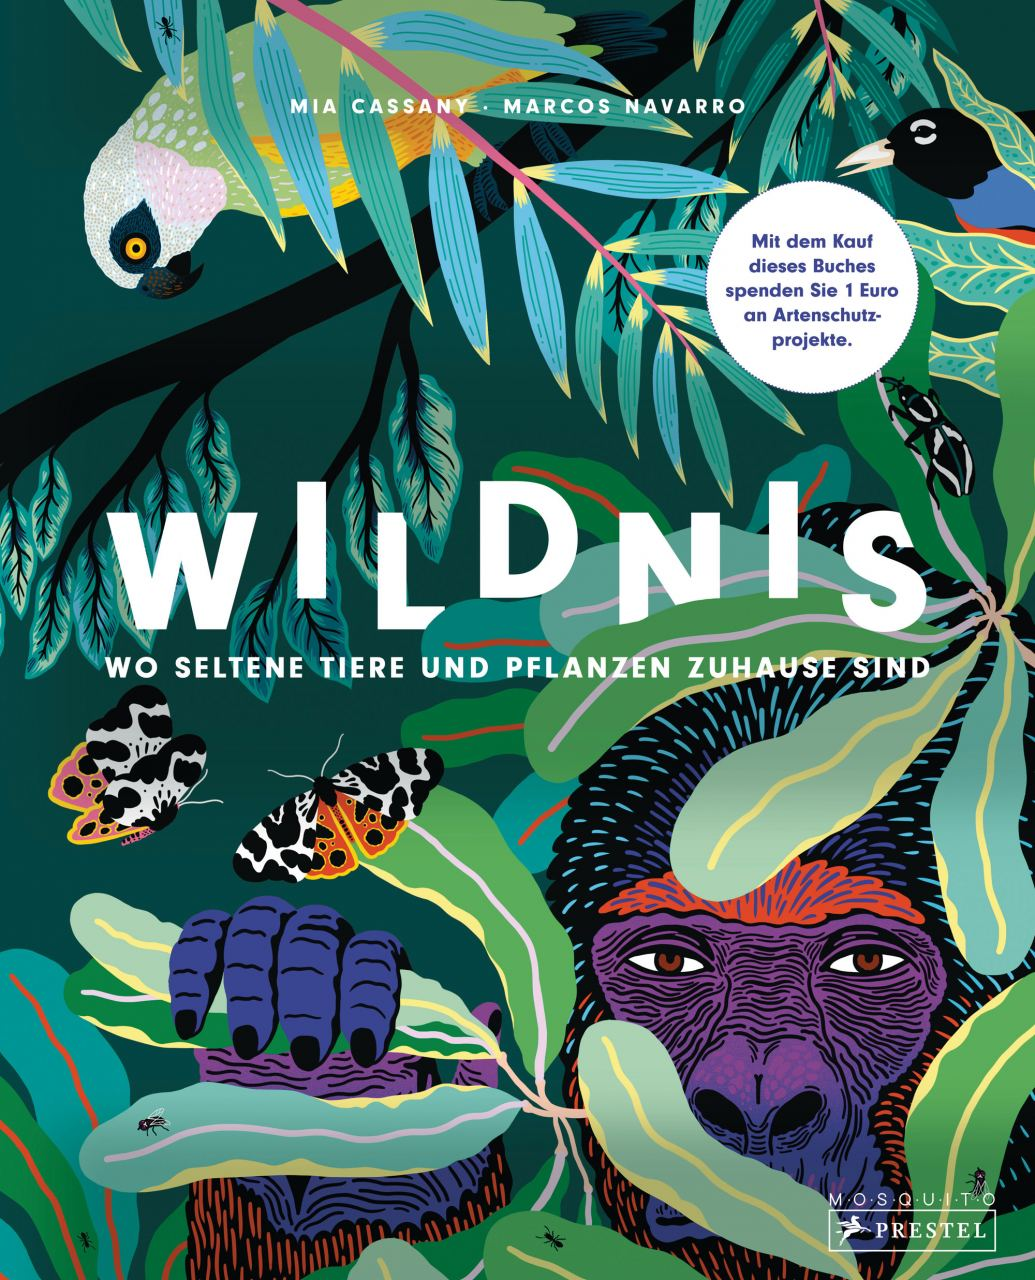 Wildnis - Wo seltene Tiere und Pflanzen zuhause sind